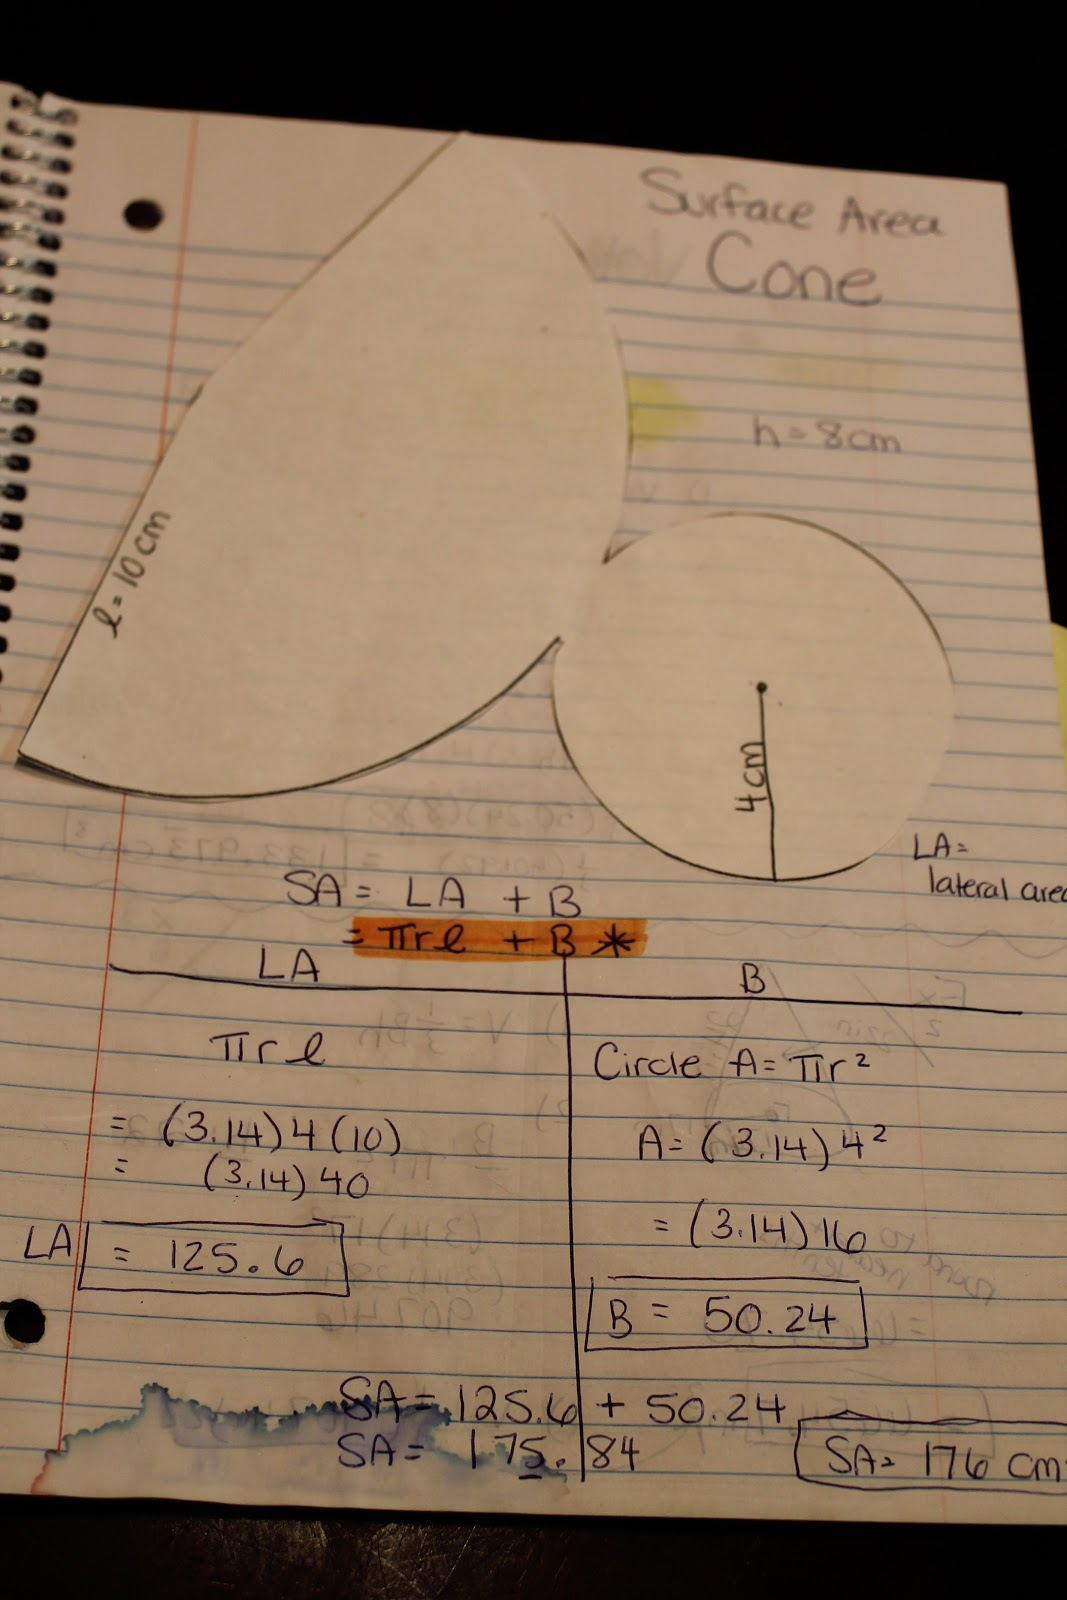 Apples 4 Bookworms Math Inbs